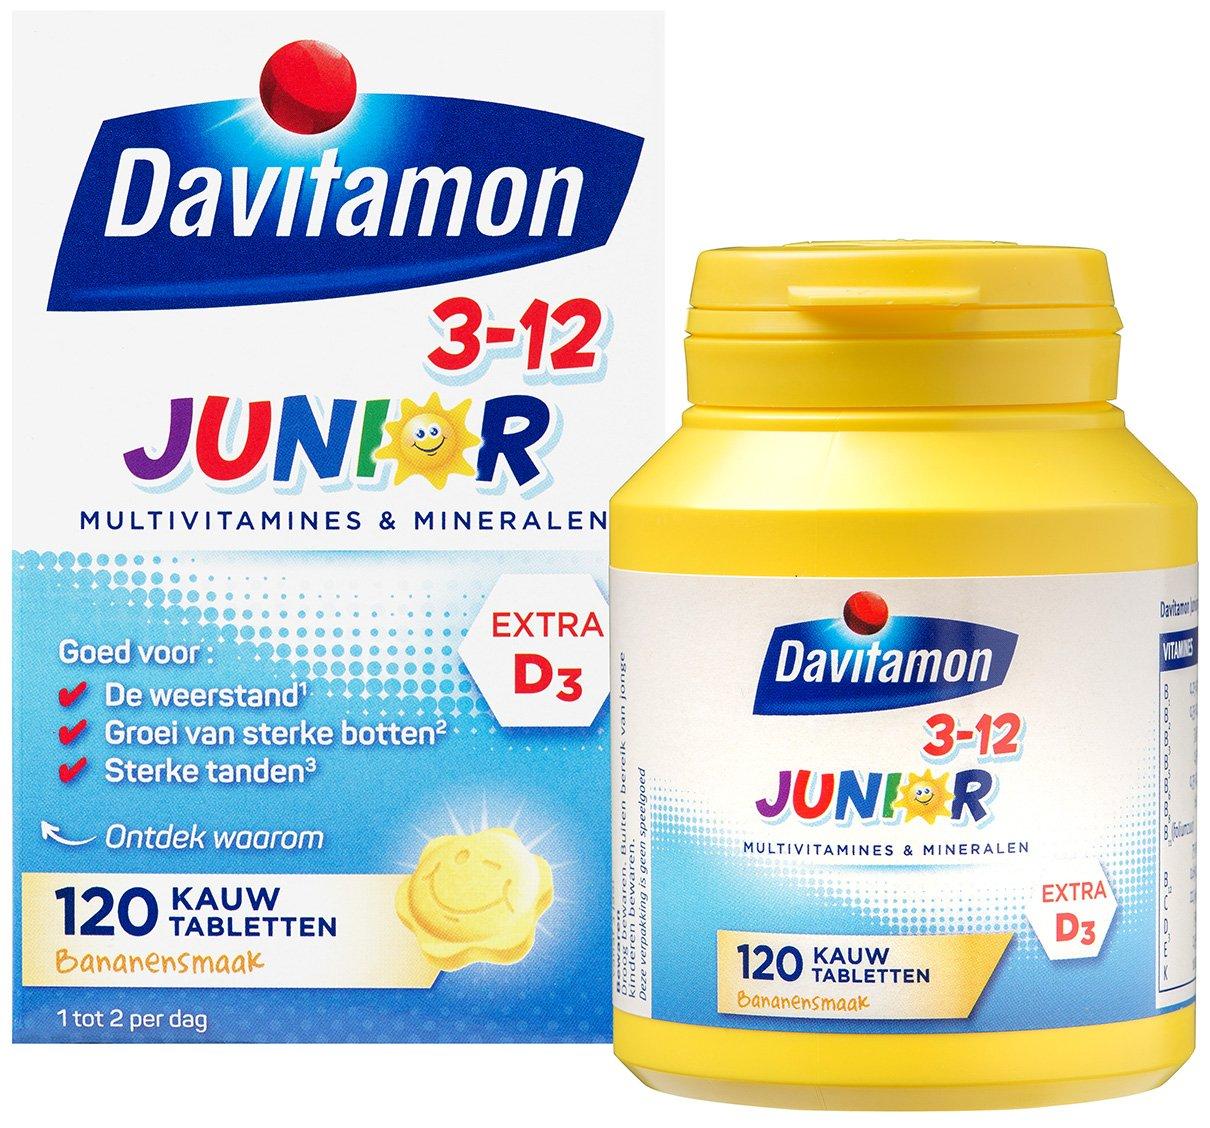 Davitamon Junior 3-12 Banaan &#8211; <br>120 kauwtabletten